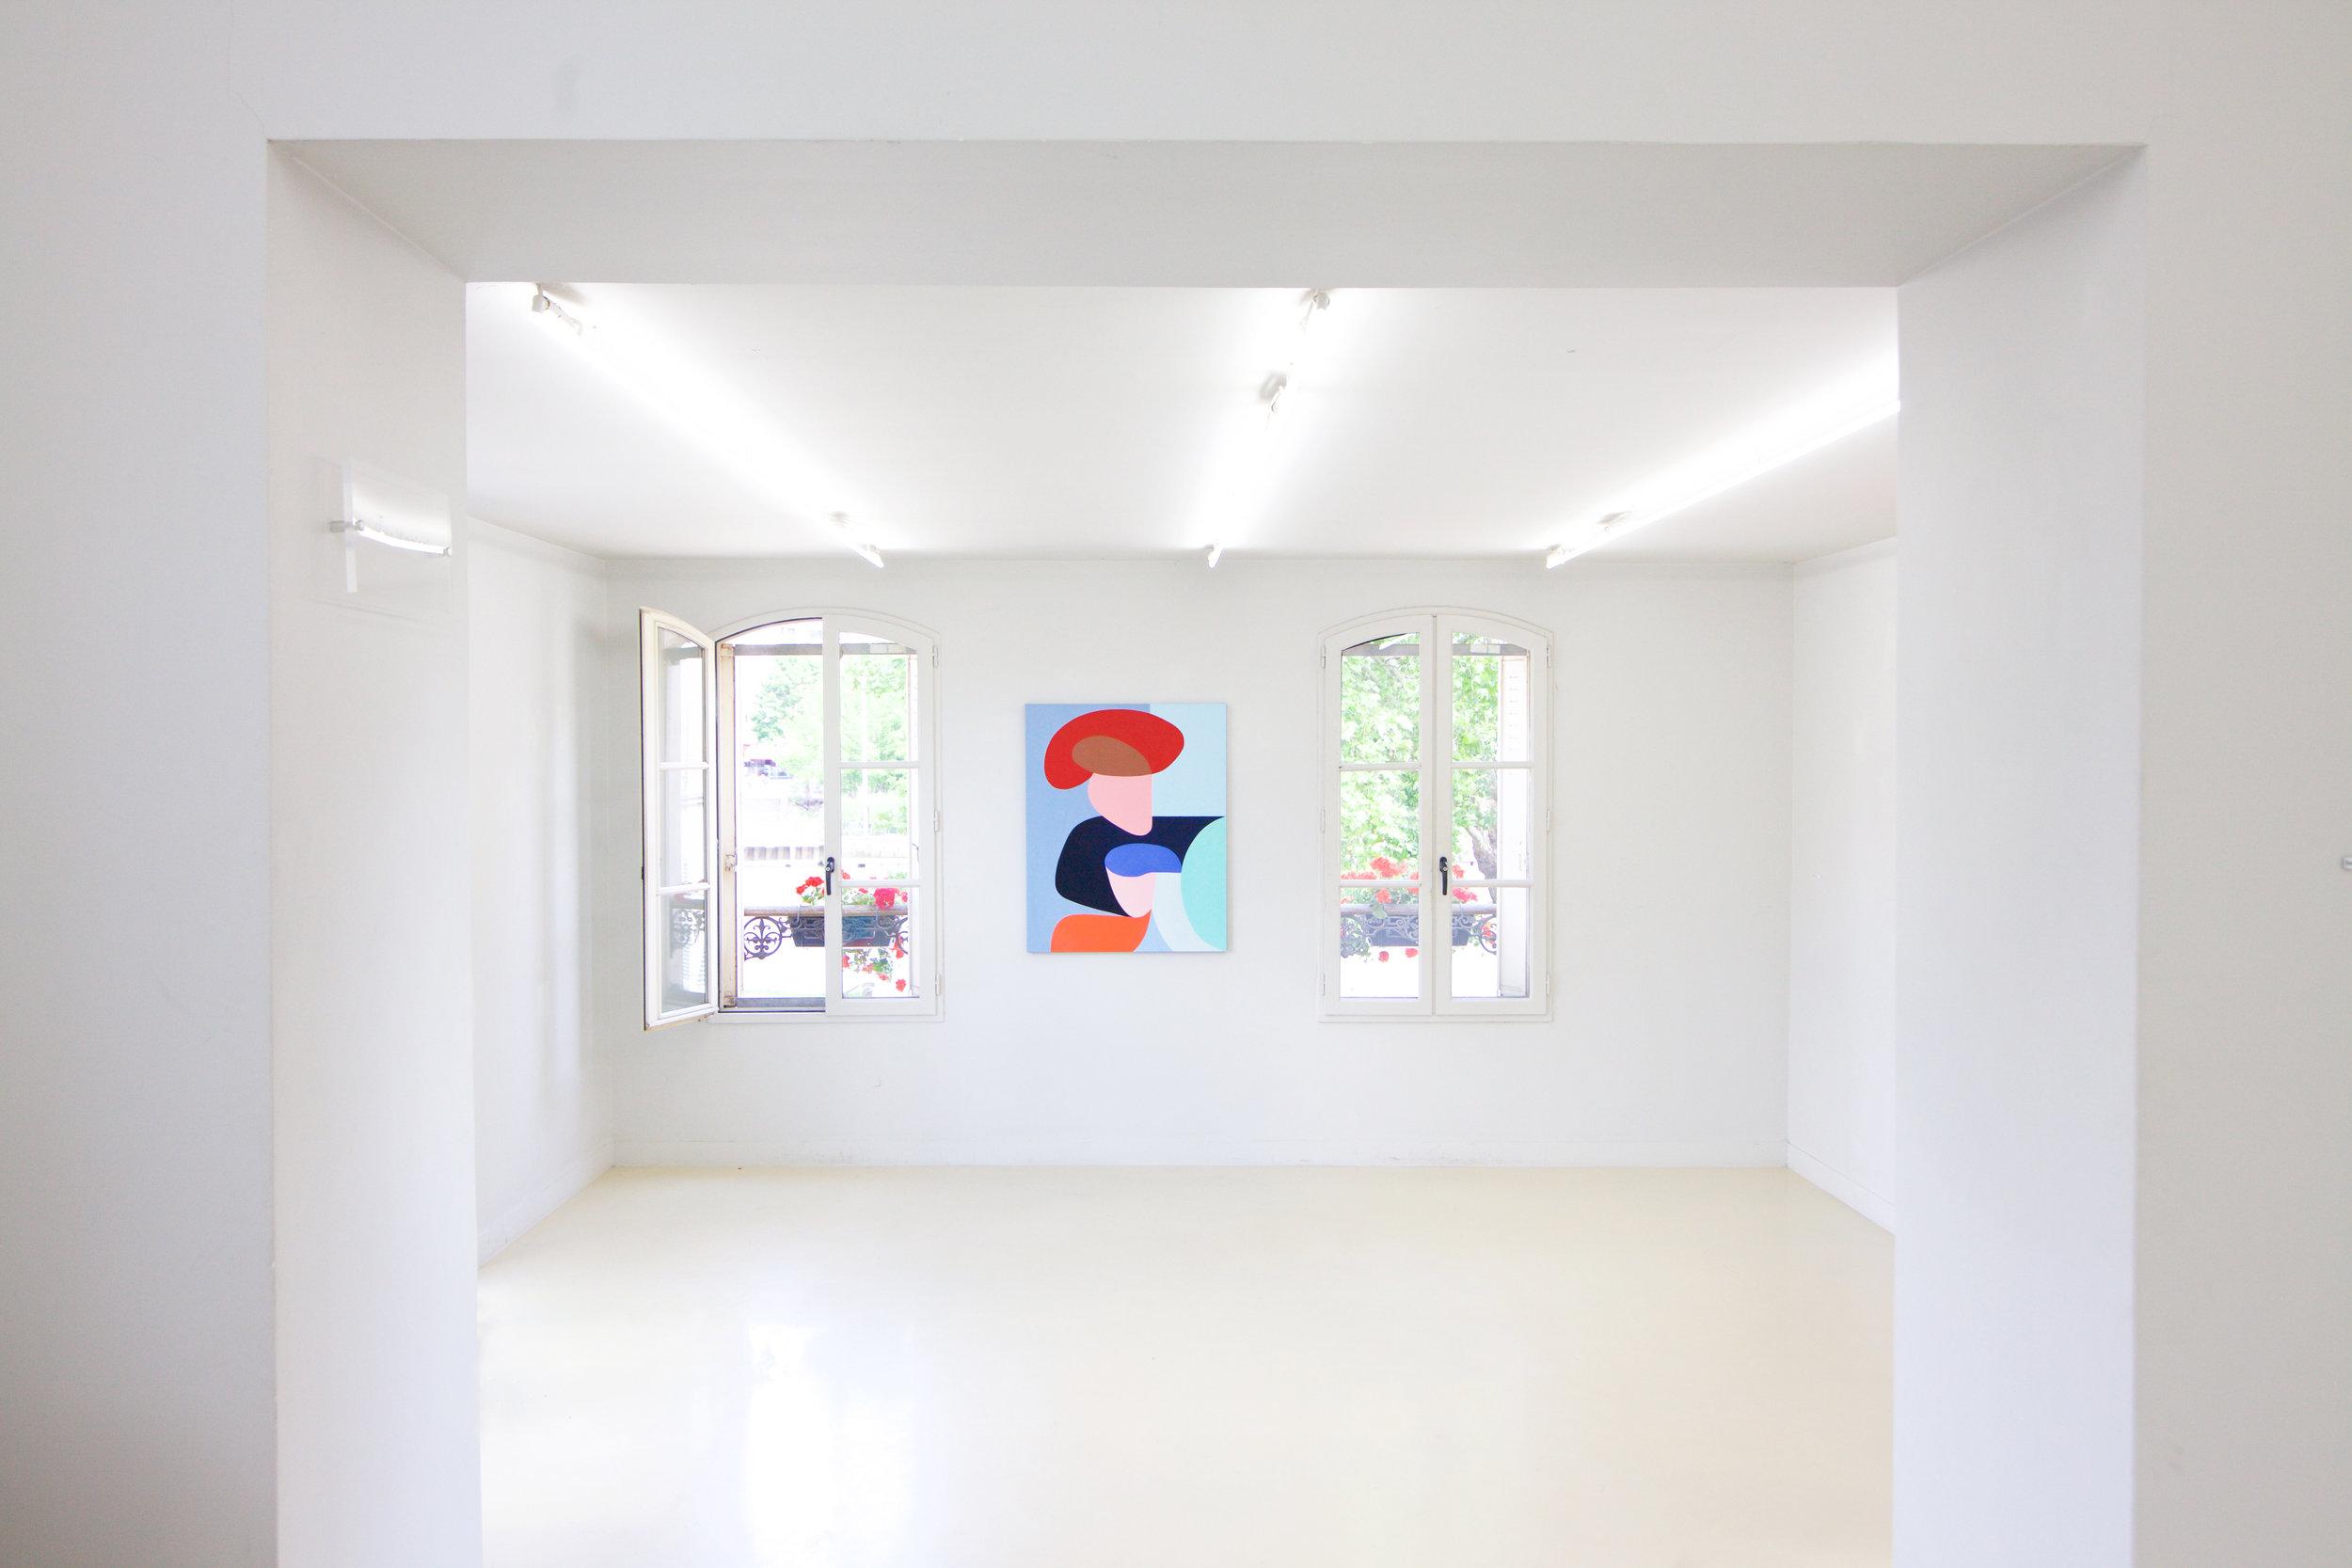 Galerie_Bessieres_05_2019_MG_5922 8.jpg